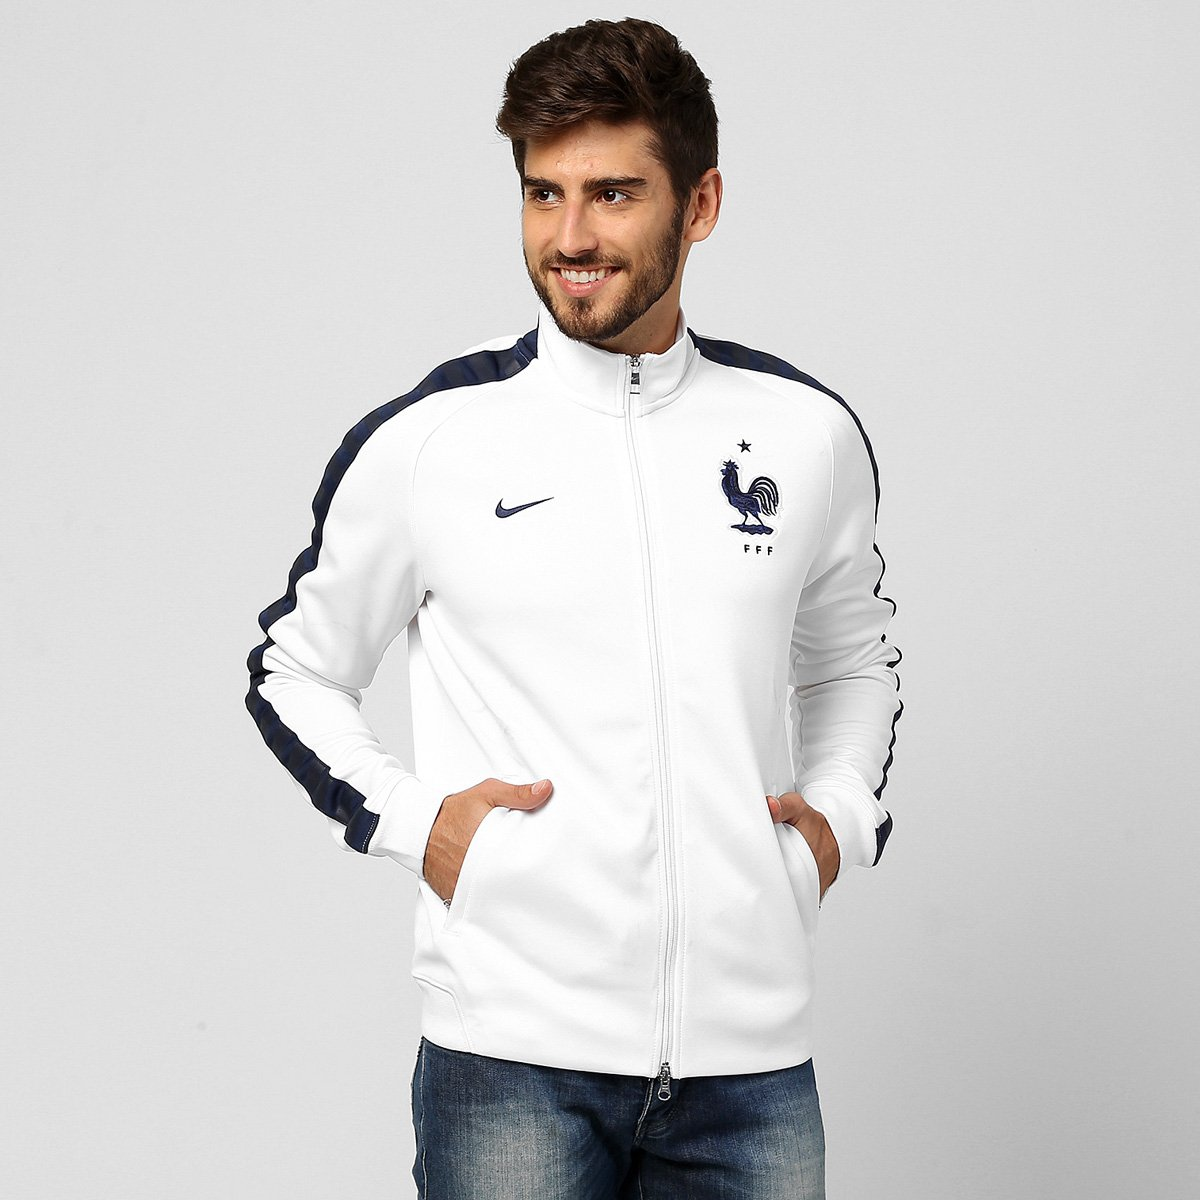 d608958327ef8 Jaqueta Nike Seleção França Authentic - Compre Agora